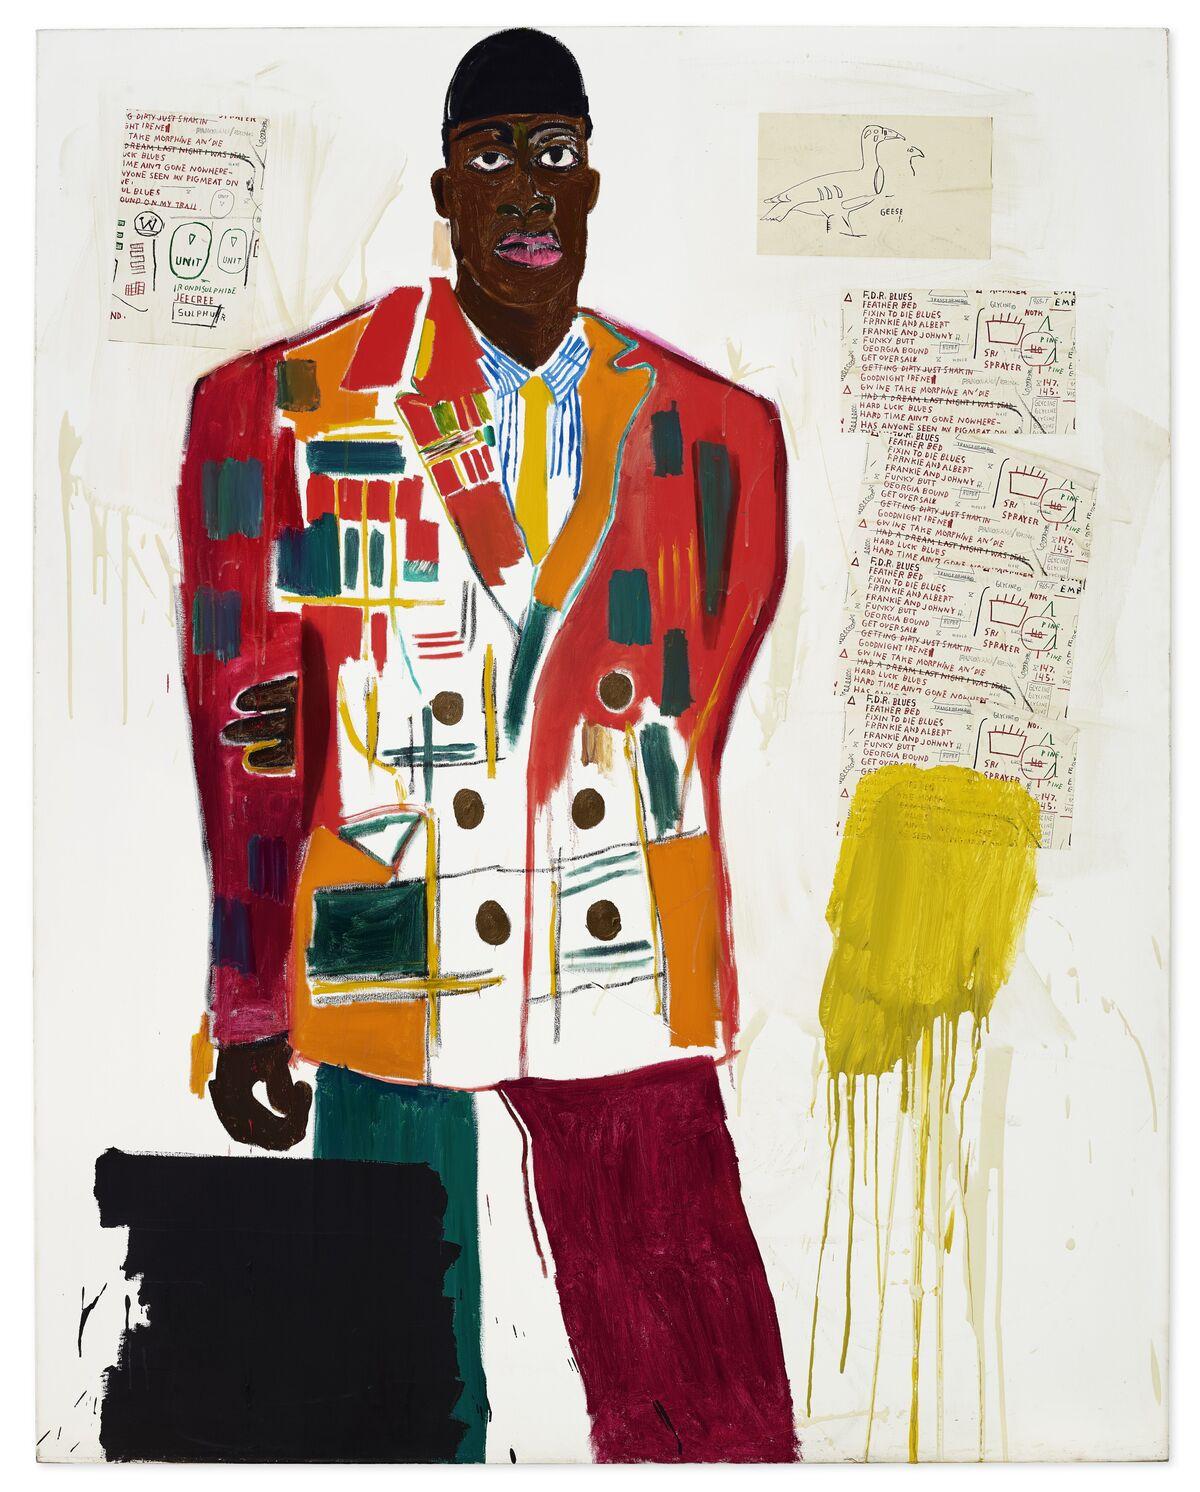 Jean-Michel Basquiat's MP, 1984. Courtesy Christie's Images Ltd. 2020.